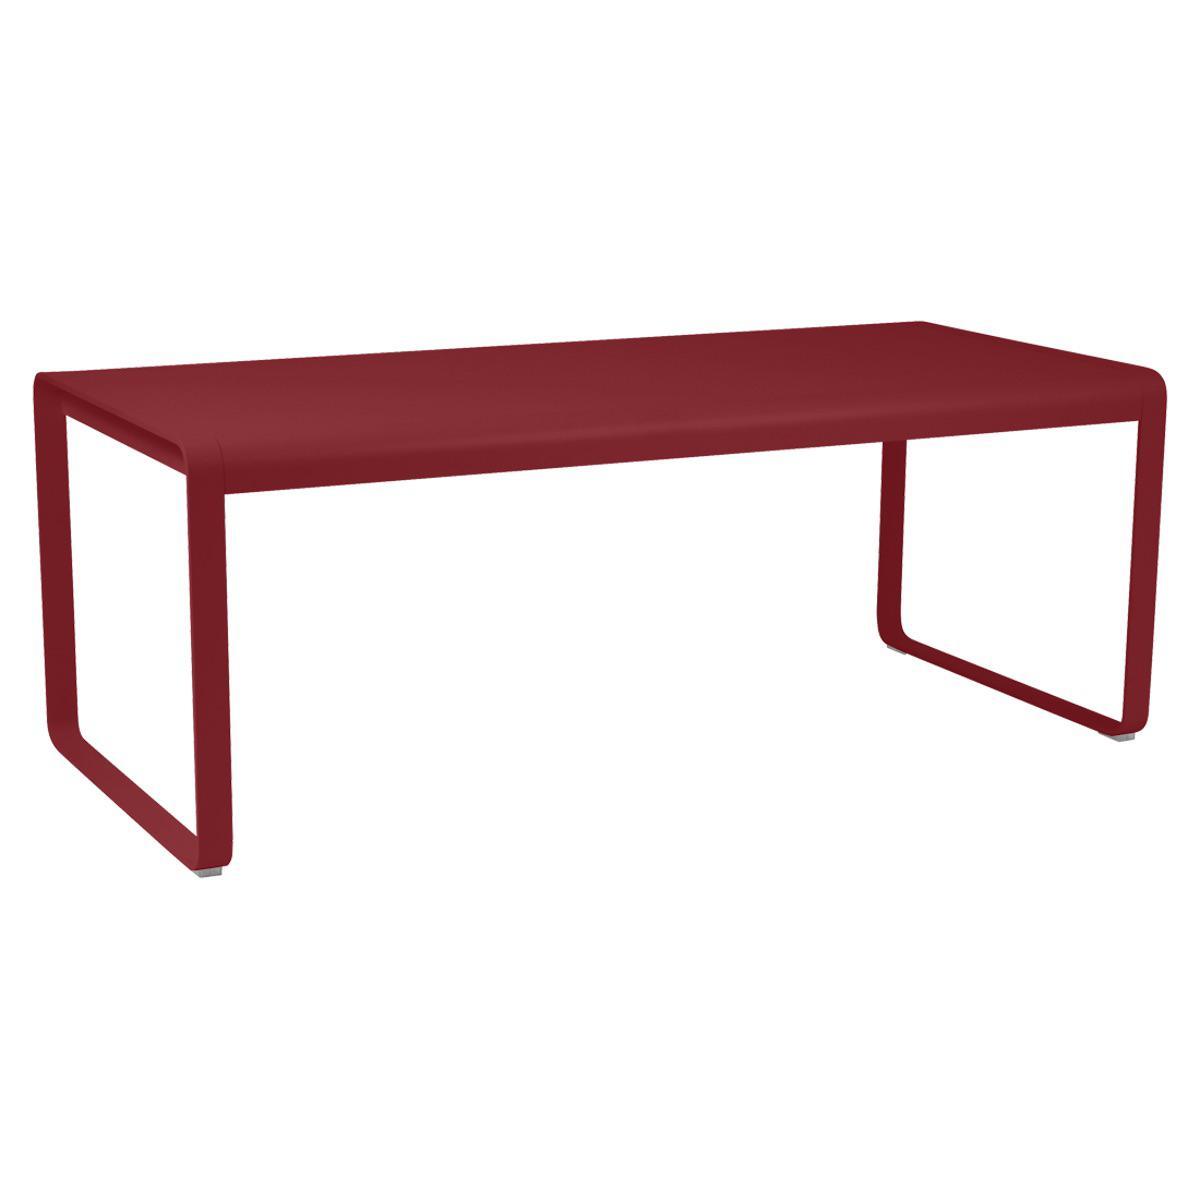 Table 90x196cm BELLEVIE PREMIUM Fermob piment